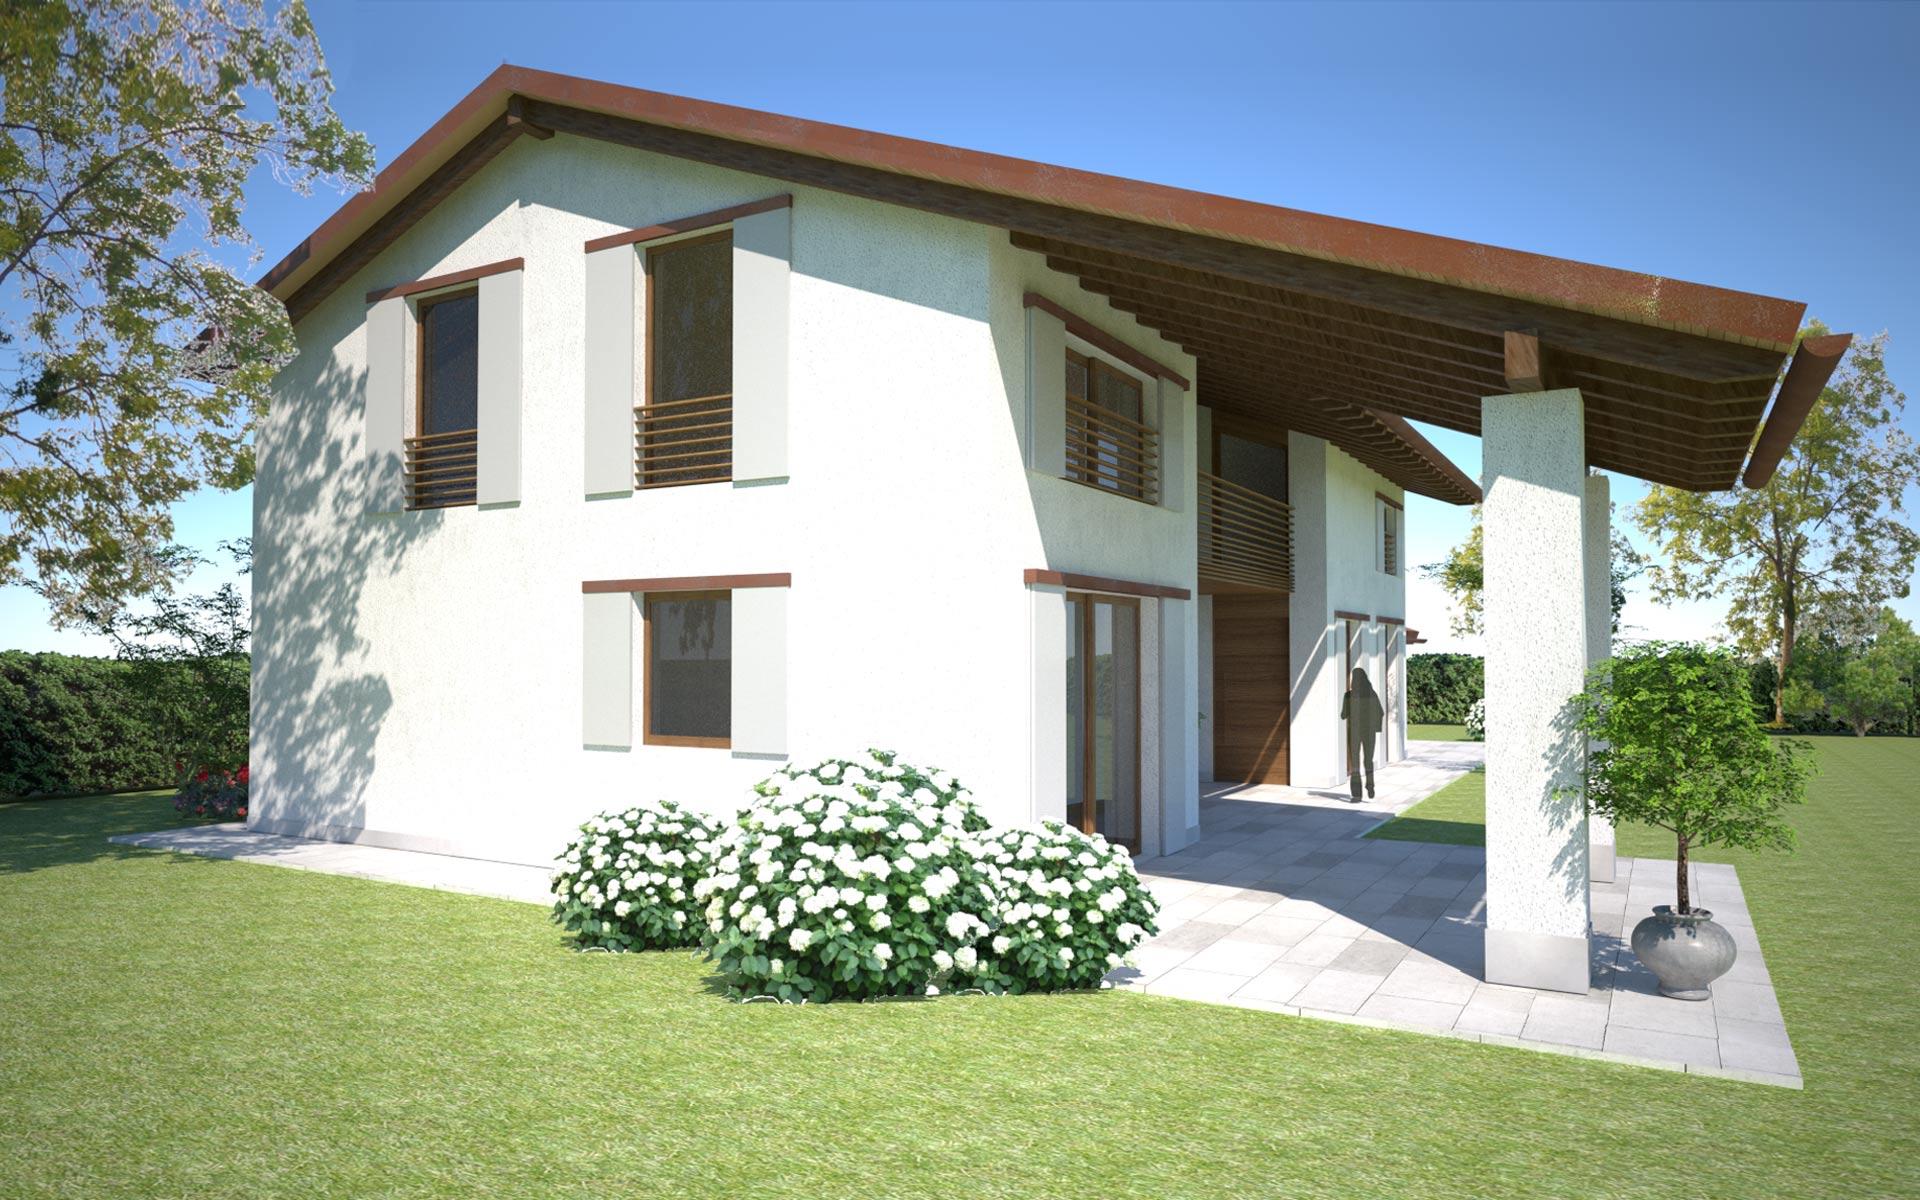 Villa con struttura in legno x lam treviso globarch for Piani casa sul tetto di bassa altezza